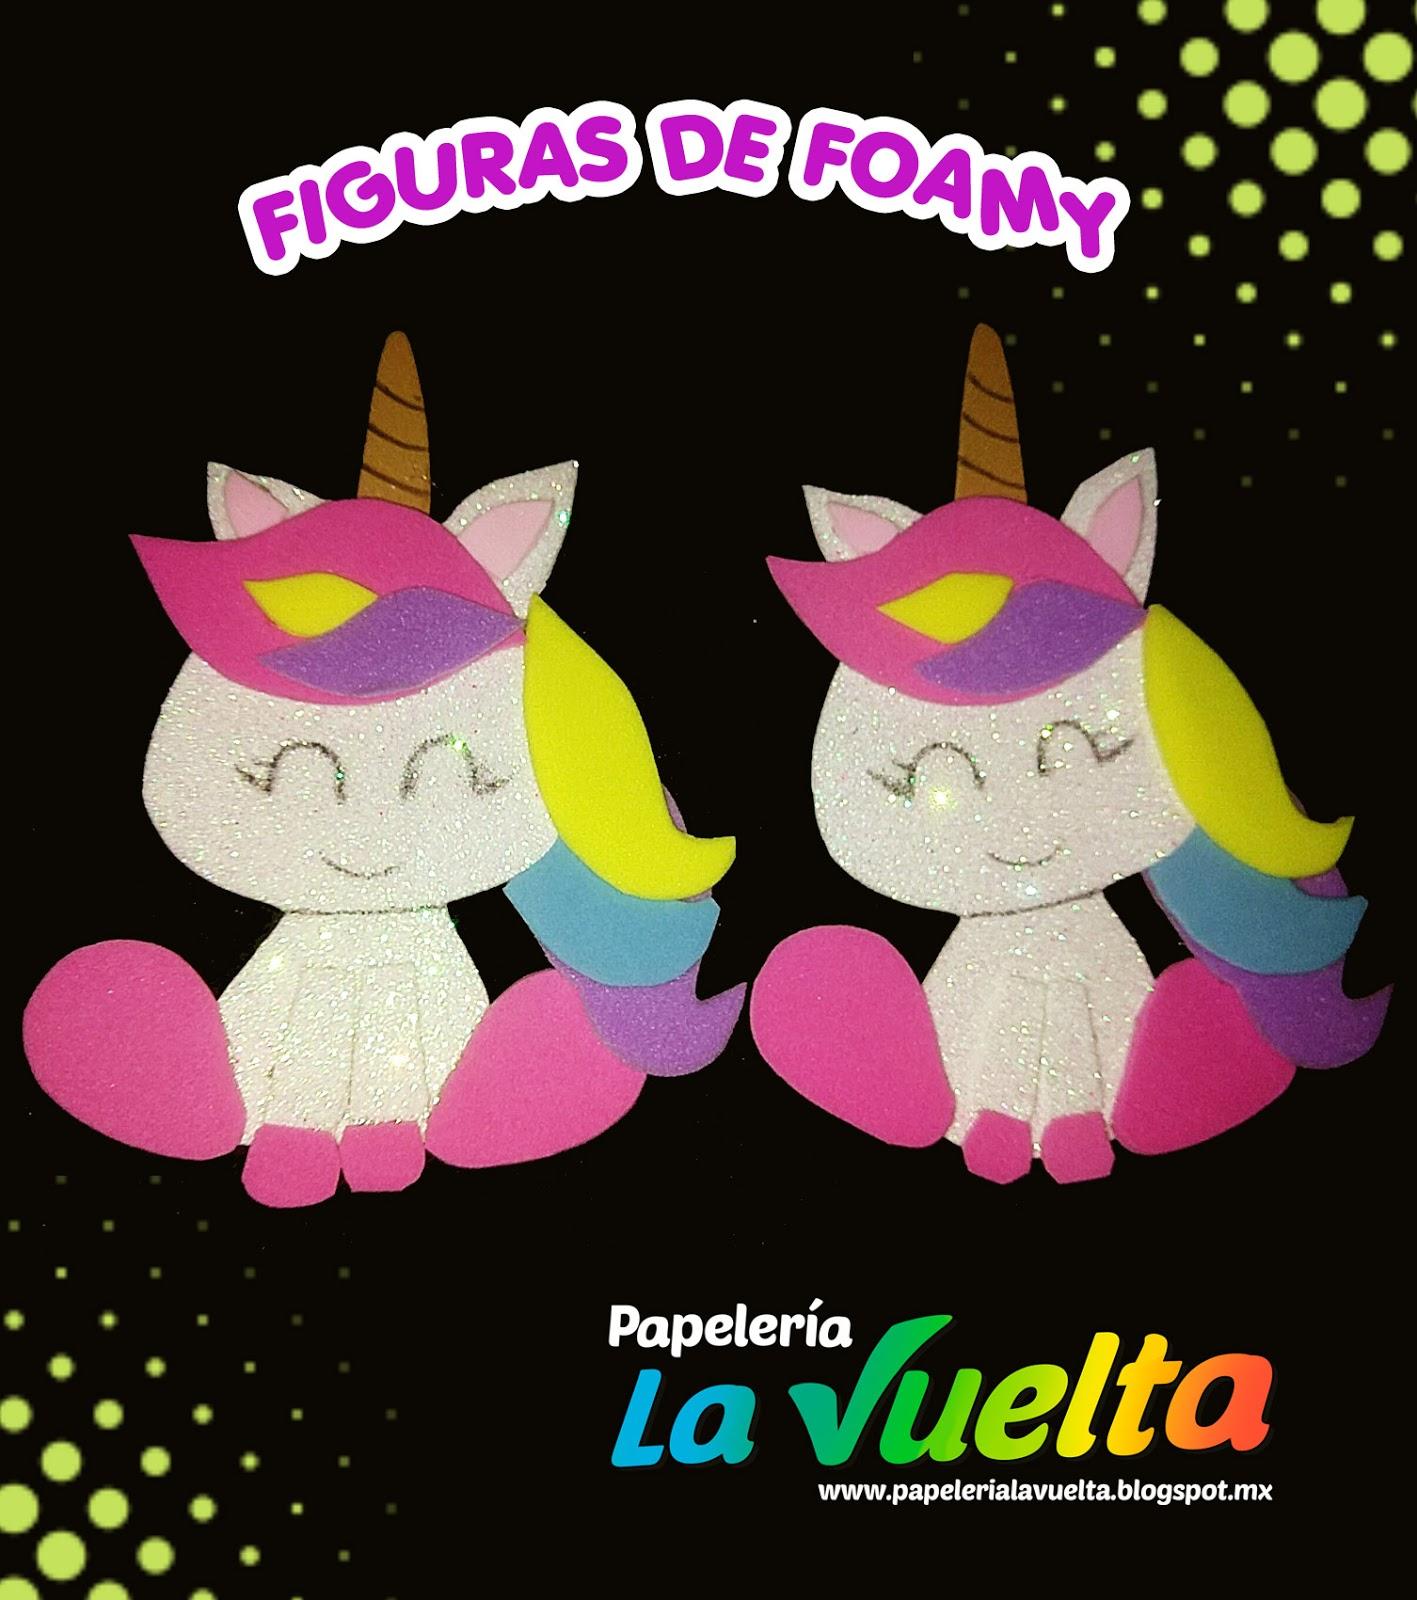 0042d9a05e6 Papelería La Vuelta  Figuras de foamy  Unicronios y zorro bebe